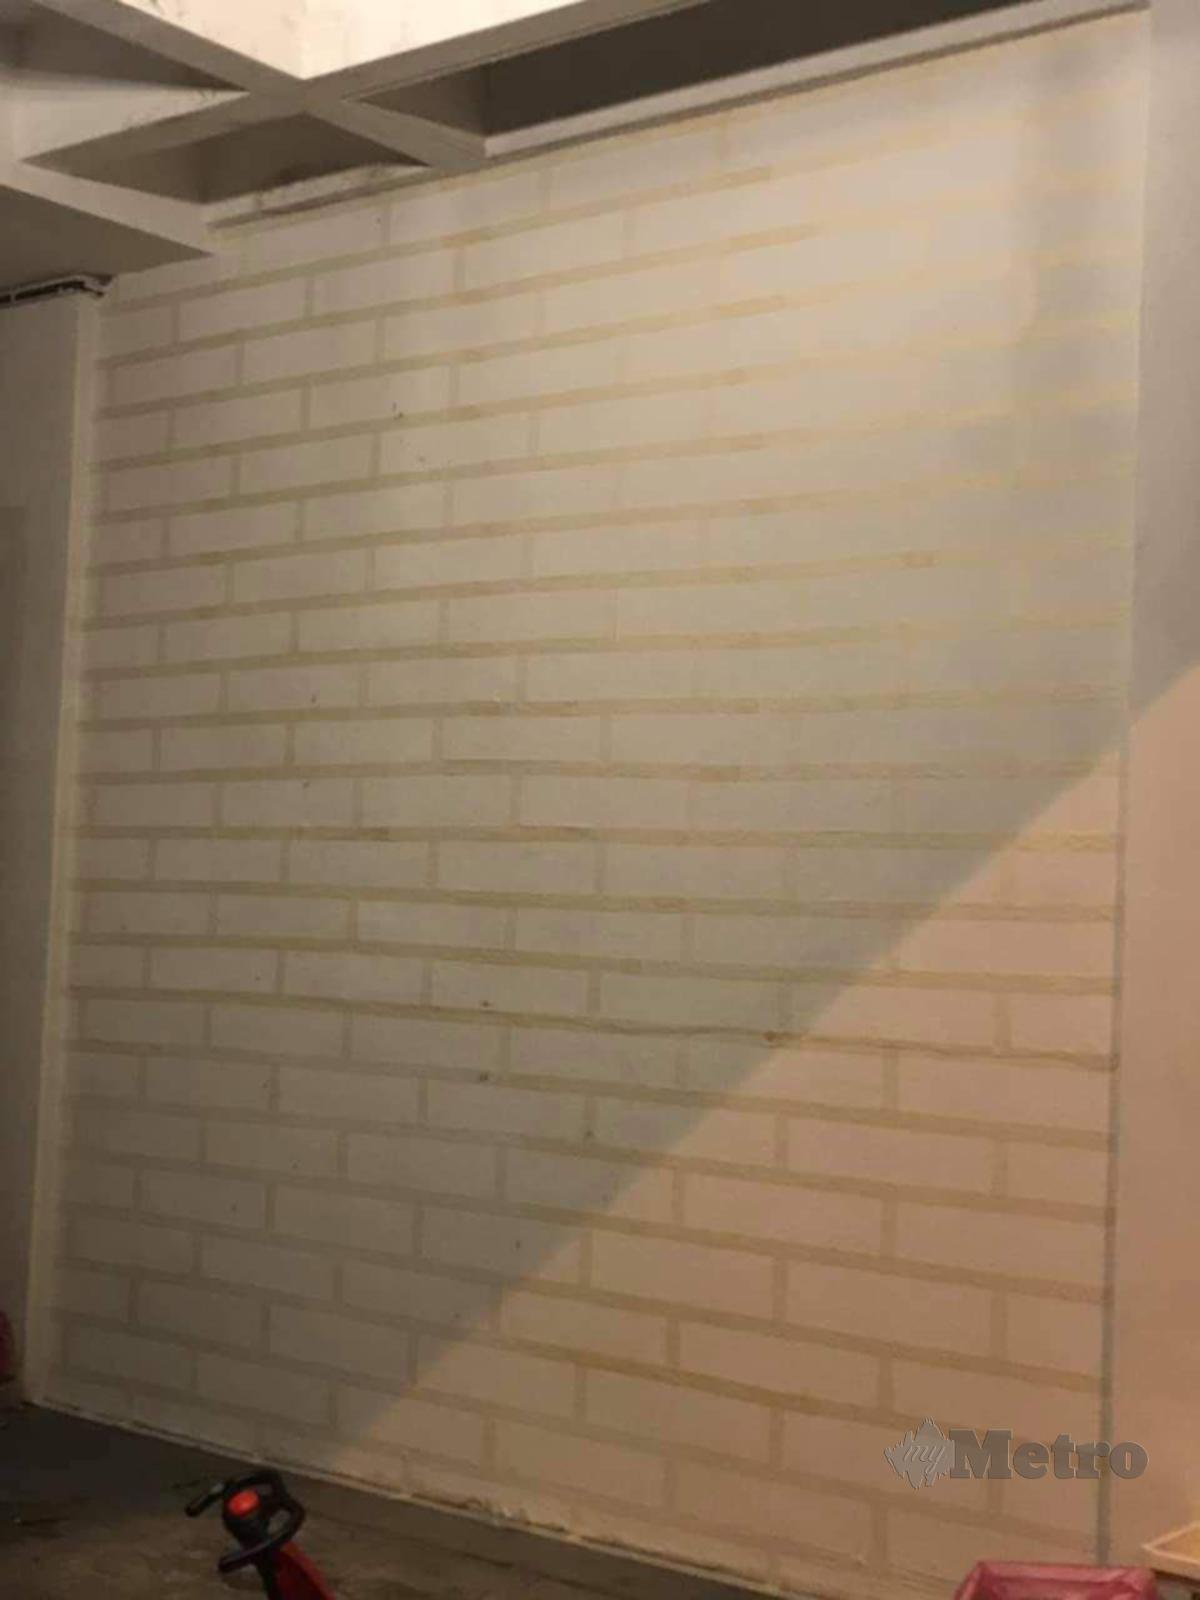 BENTUKKAN garisan melintang pada dinding itu menggunakan pita pelekat dan diikuti garisan menegak.